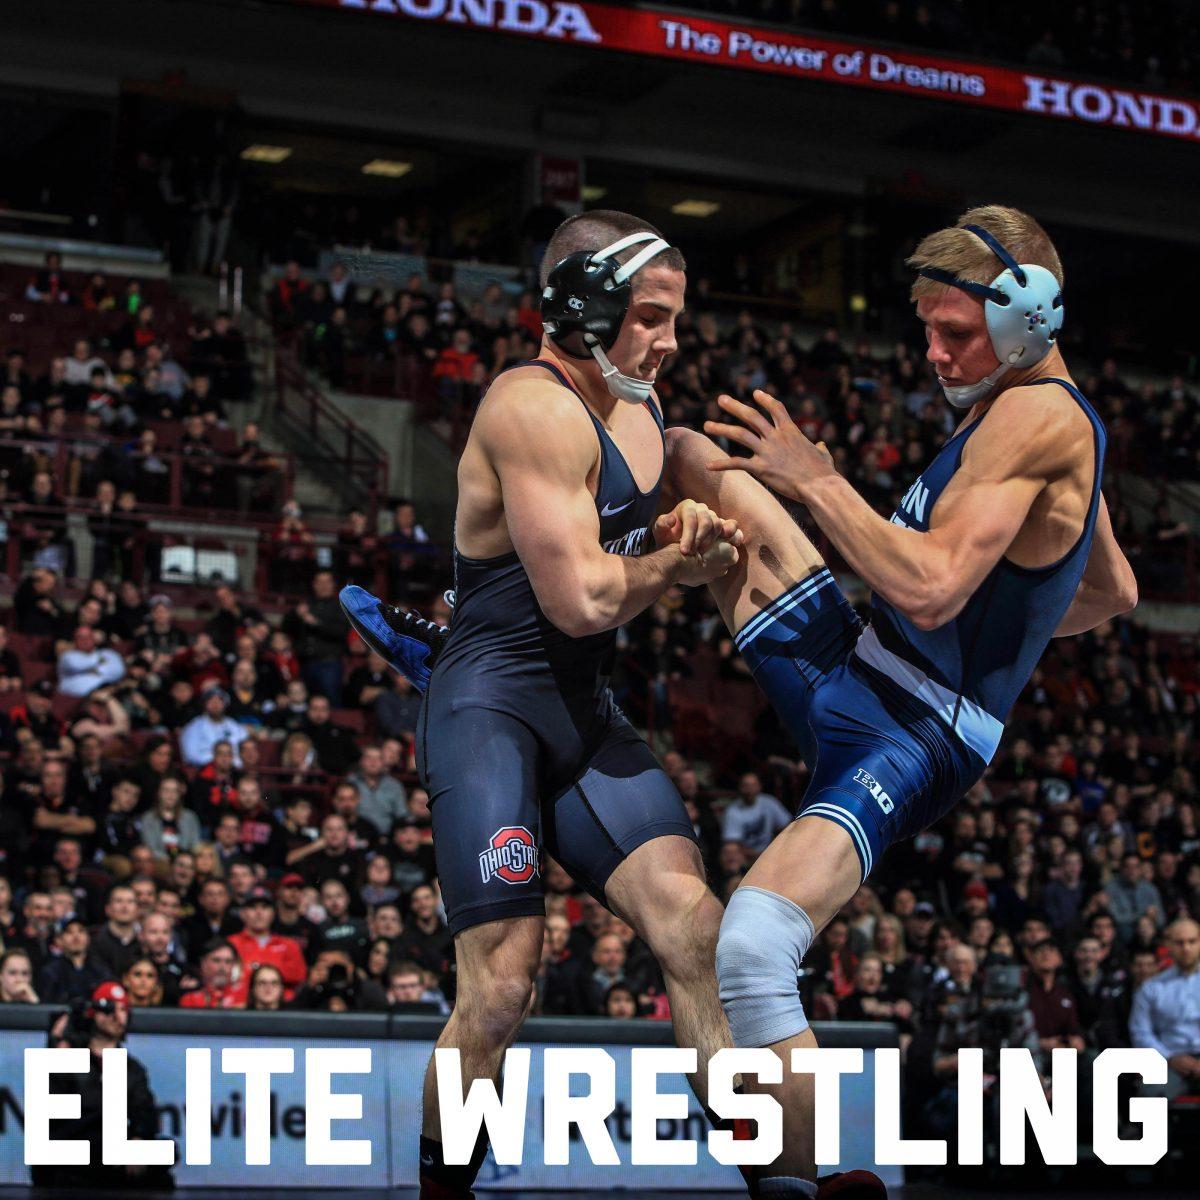 Nathan Tomasello wrestling